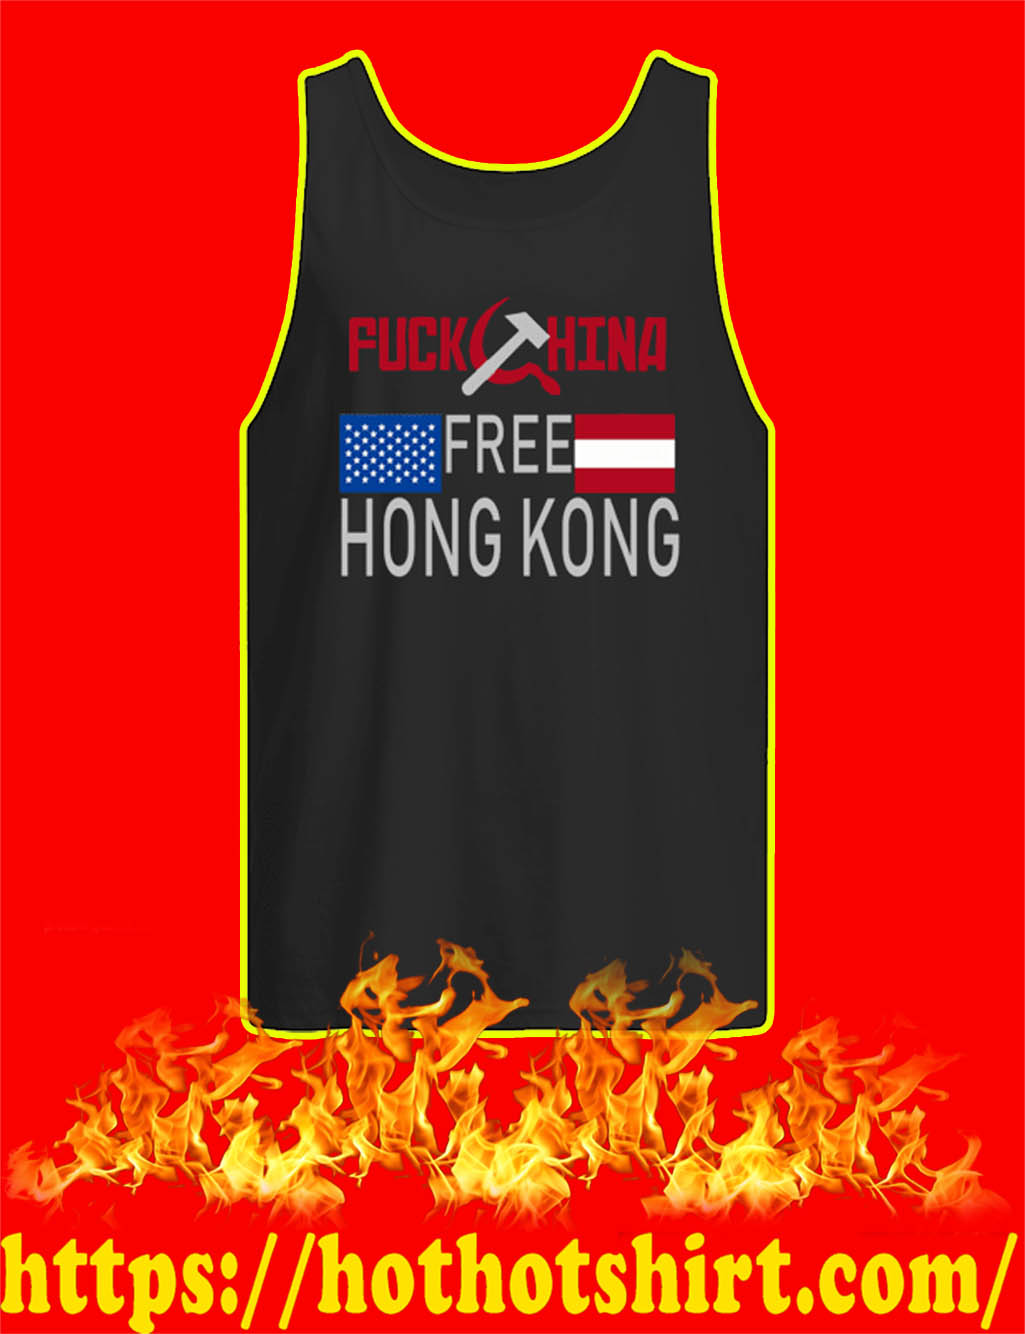 Fuck China Free Hong Kong tank top